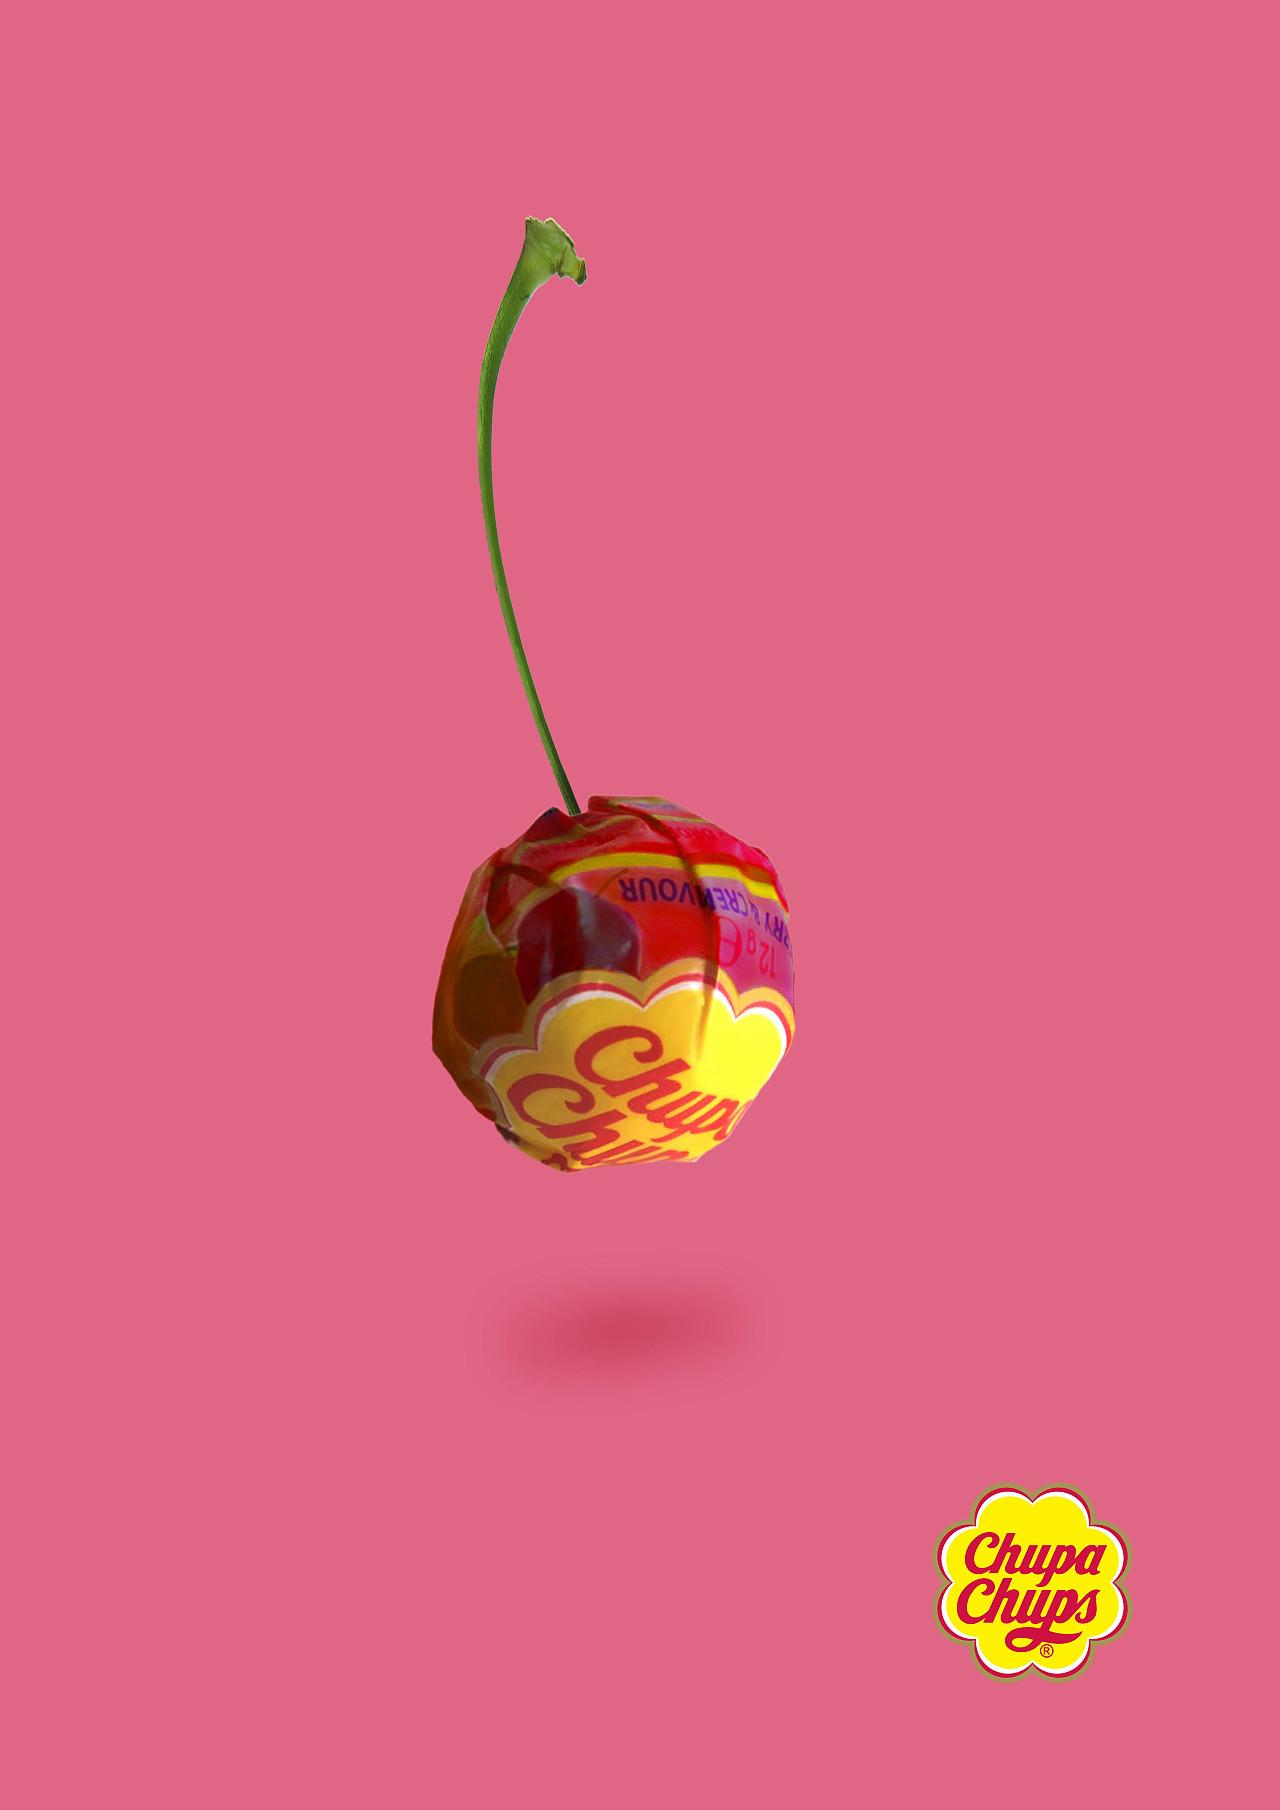 珍宝珠广告设计